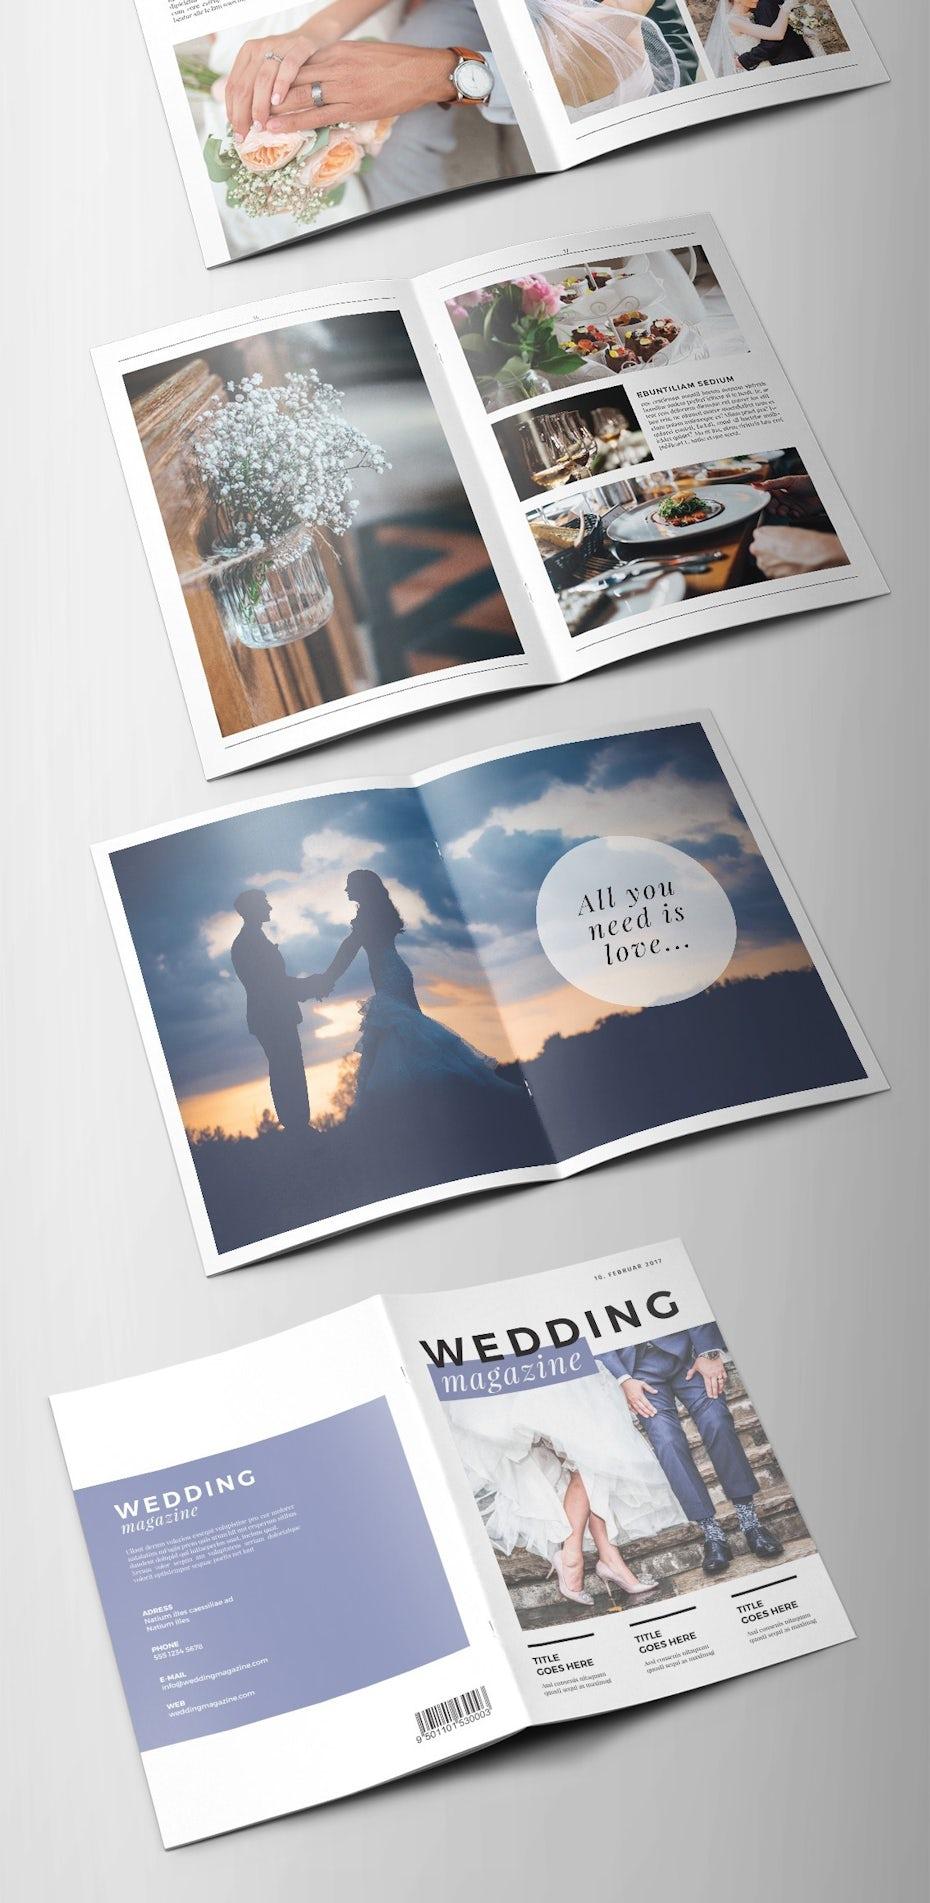 wedding magazine design